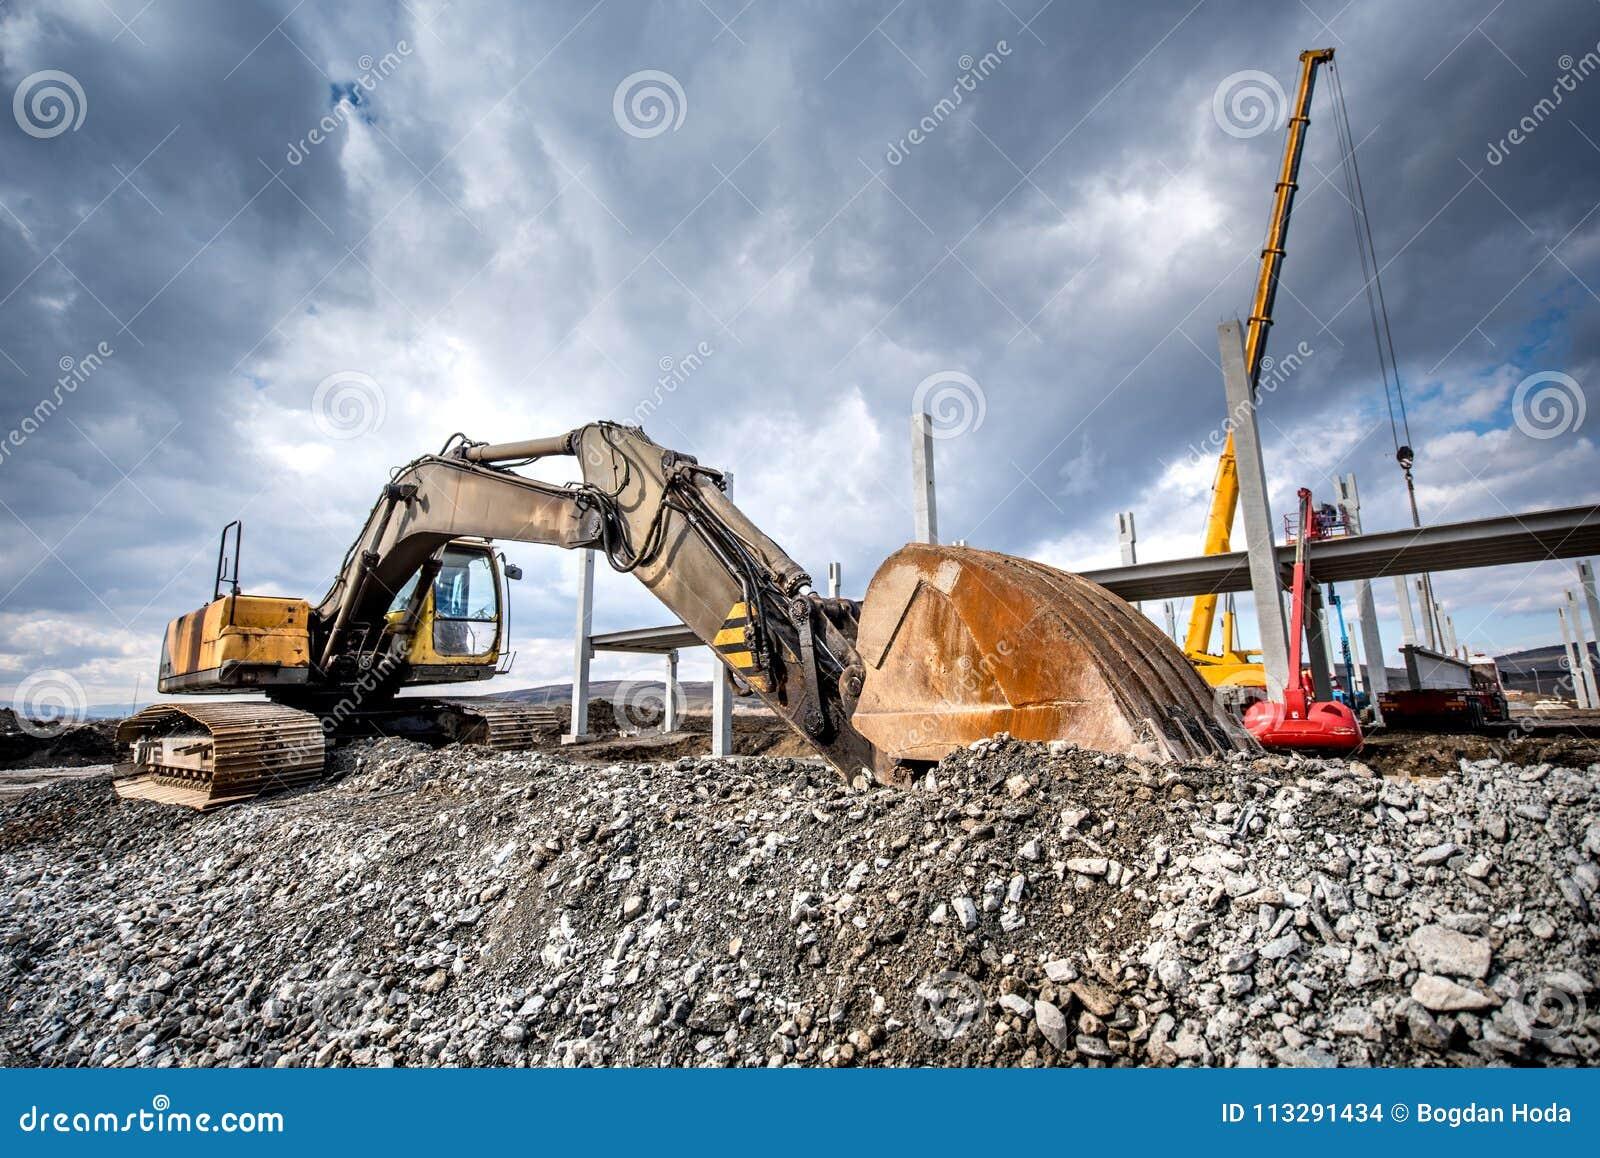 Сверхмощный промышленный гравий загрузки экскаватора на строительной площадке Детали строительной площадки